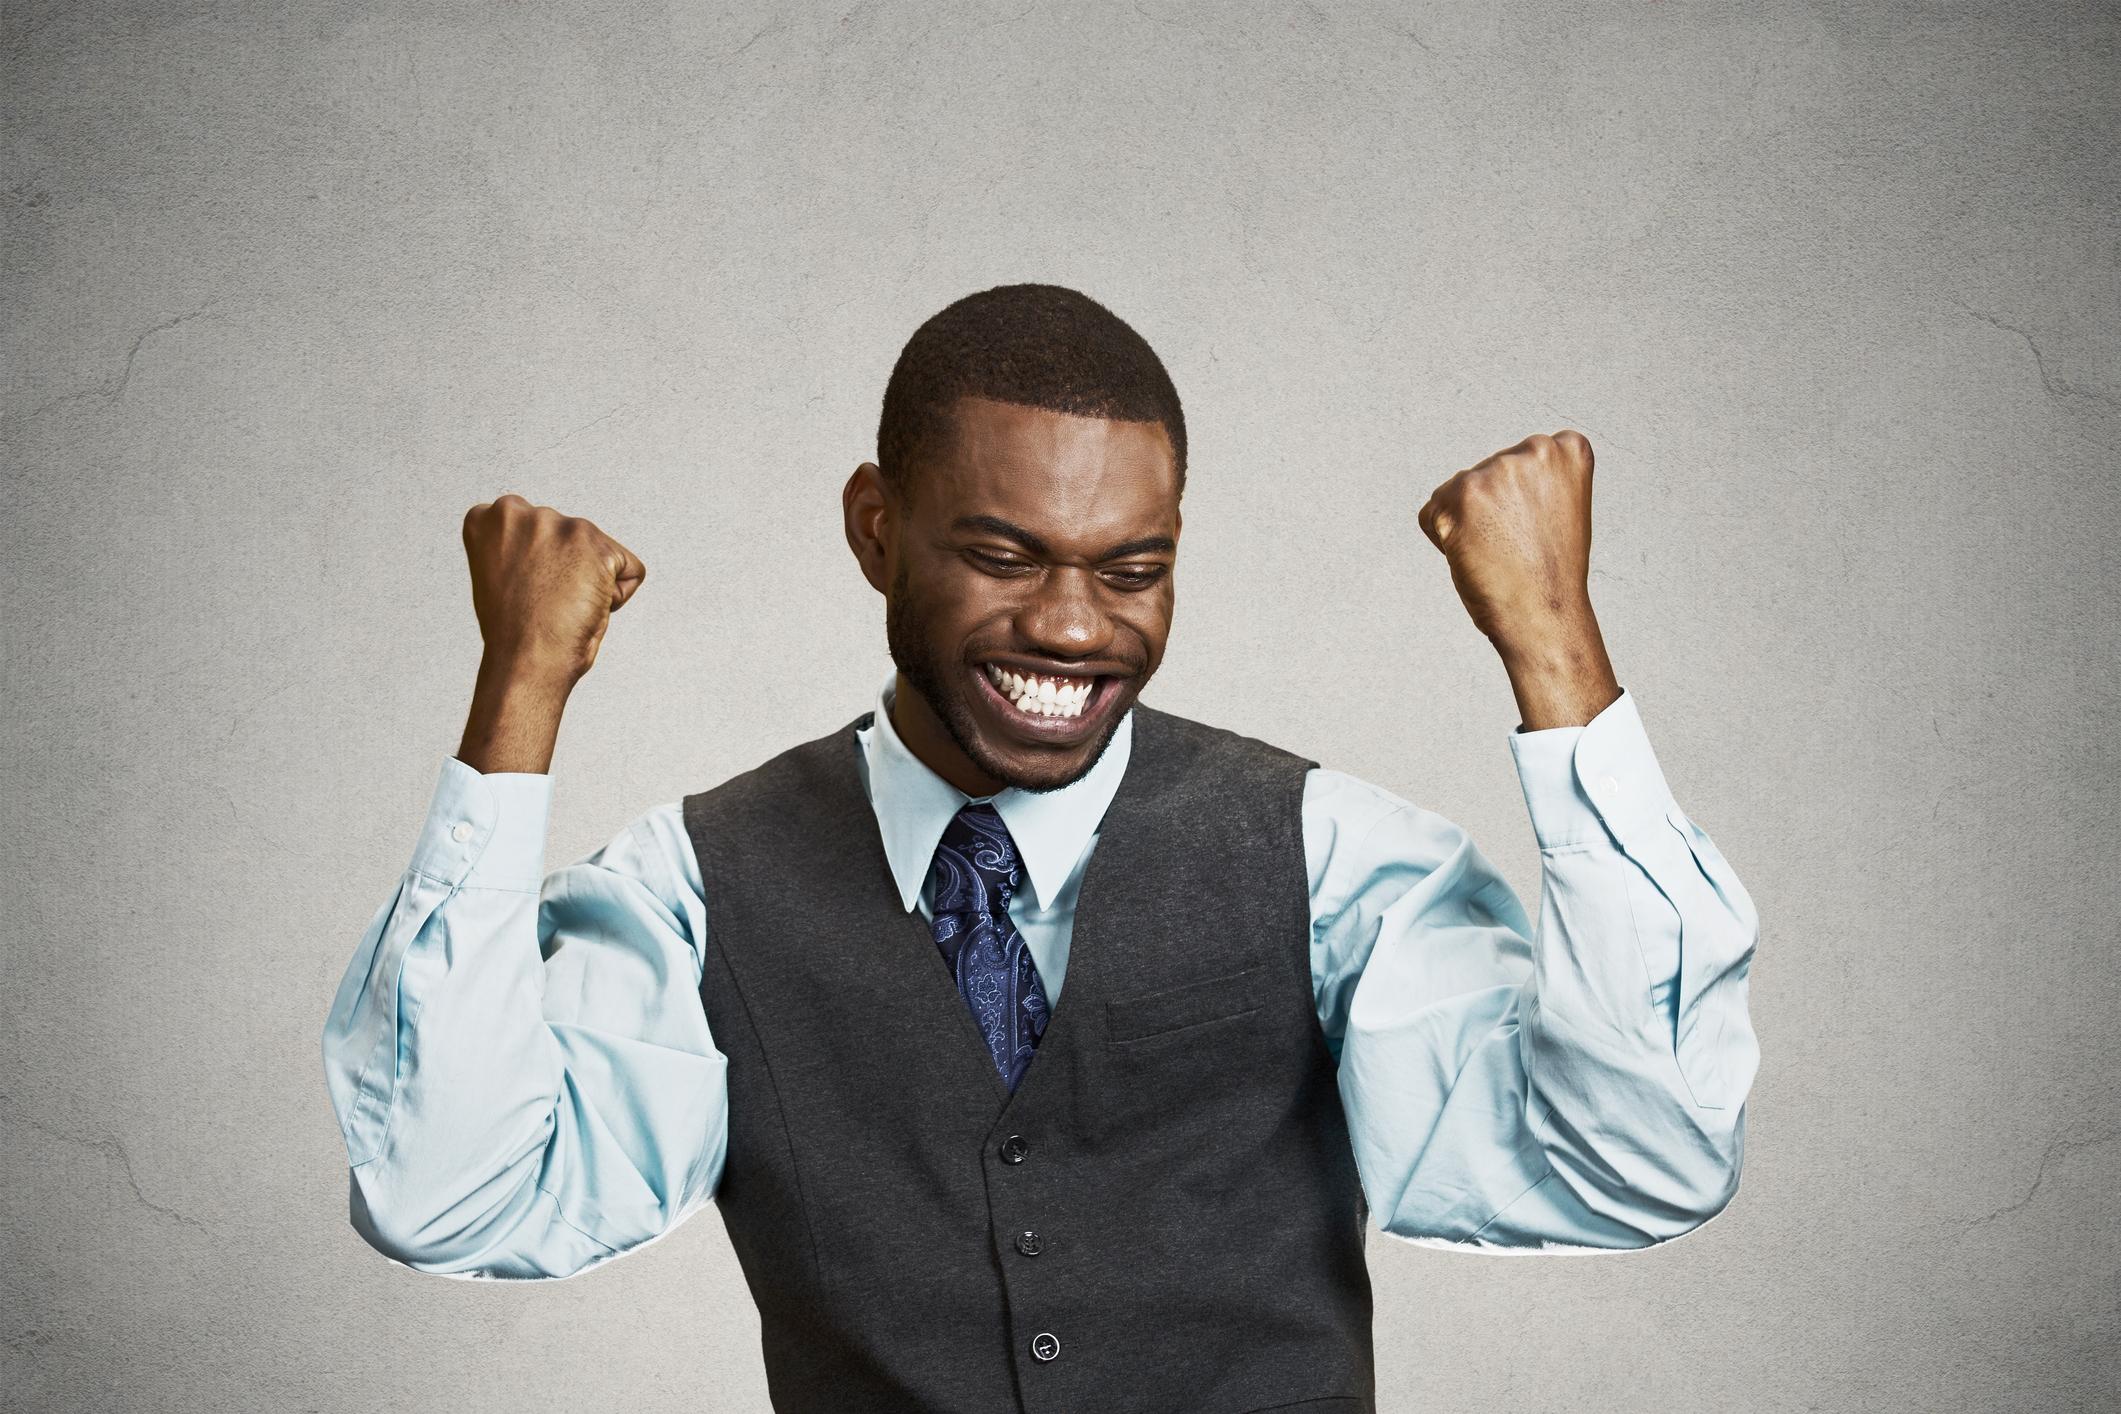 Happy guy wearing tie and vest.